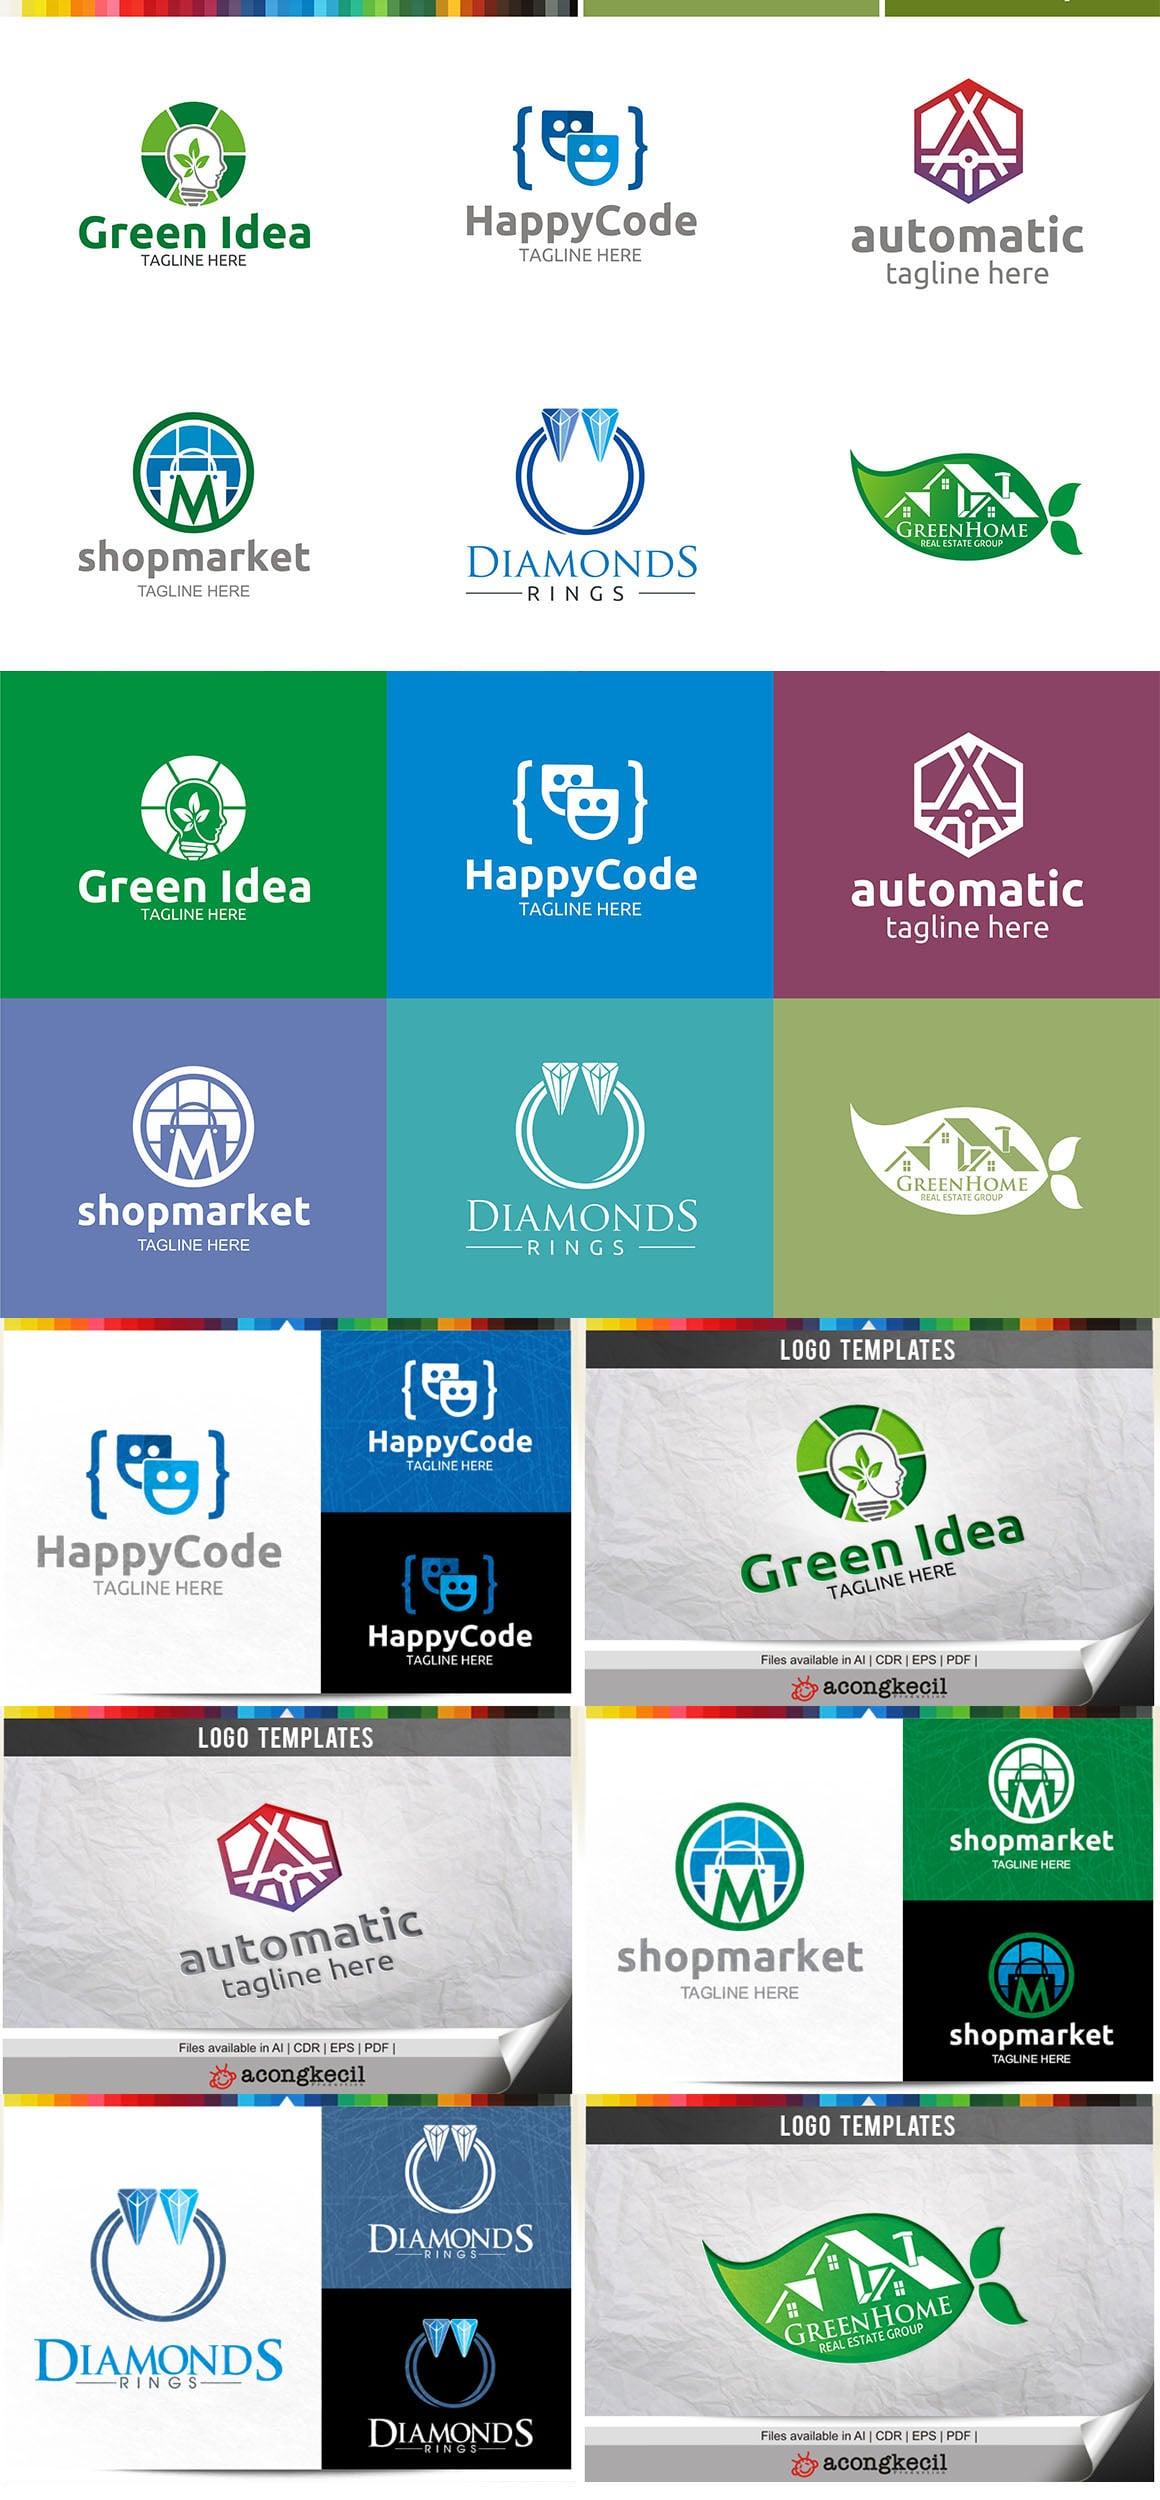 446 Business Logo Bundle - 99%+ OFF - Bundle 20 Preview5a